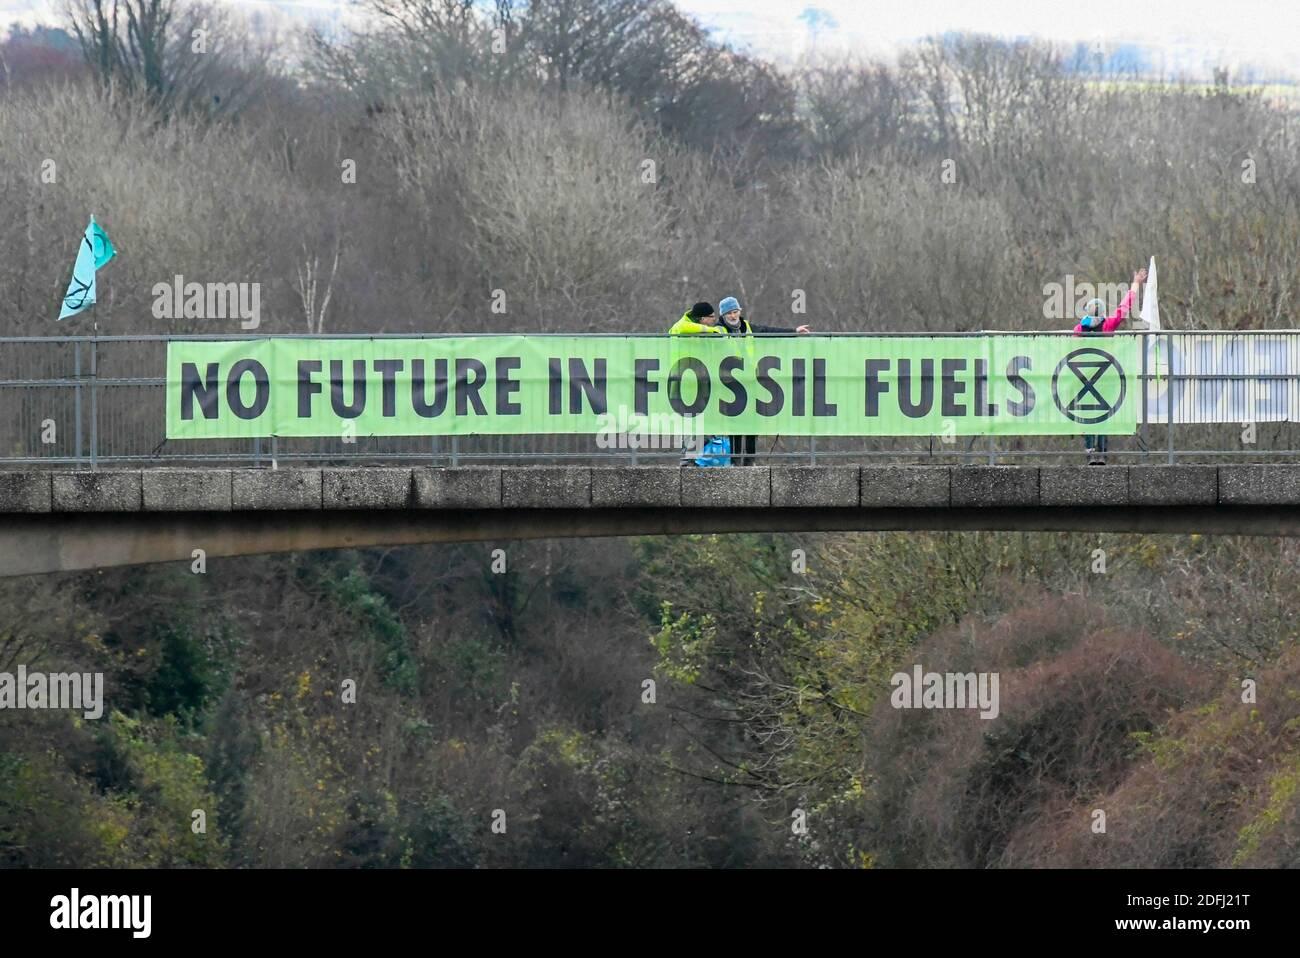 Plymouth Devon, Royaume-Uni. 5 décembre 2020. Extinction la rébellion contre le changement climatique proteste avec des bannières disant « aucun avenir dans les combustibles fossiles » sur un pont au-dessus de l'A38 à Plymouth dans le Devon. Il y a des manifestants qui ont des messages similaires sur le changement climatique sur un certain nombre de ponts au-dessus de l'A38 entre Exeter et Plymouth. Crédit photo : Graham Hunt/Alamy Live News Banque D'Images